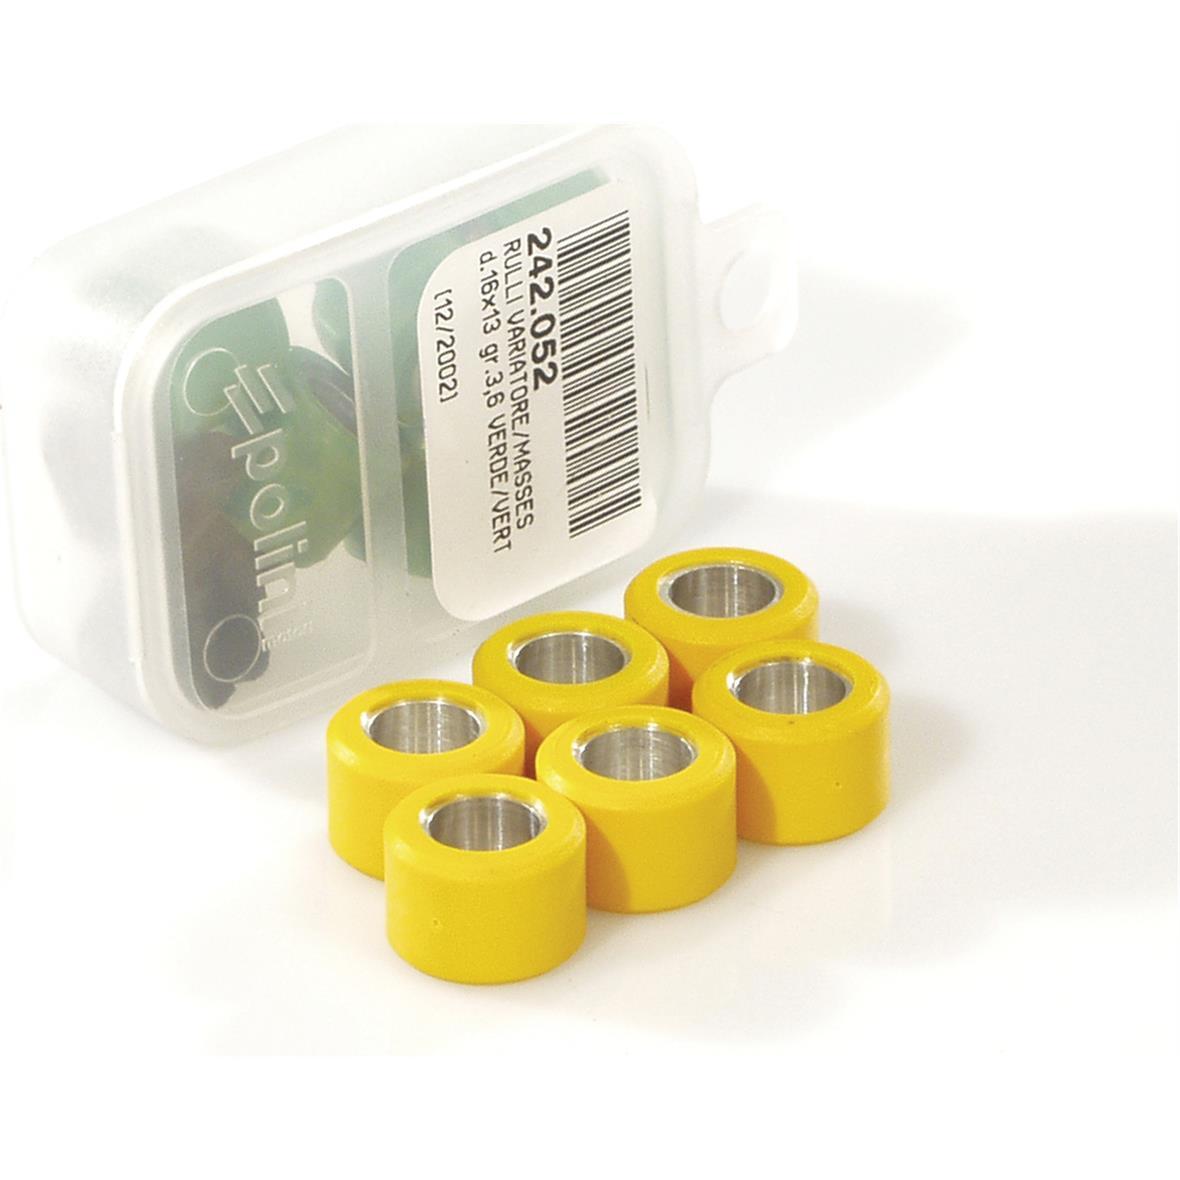 Produktbild für 'Variatorrollen POLINI 17x12 mm 4,4g'